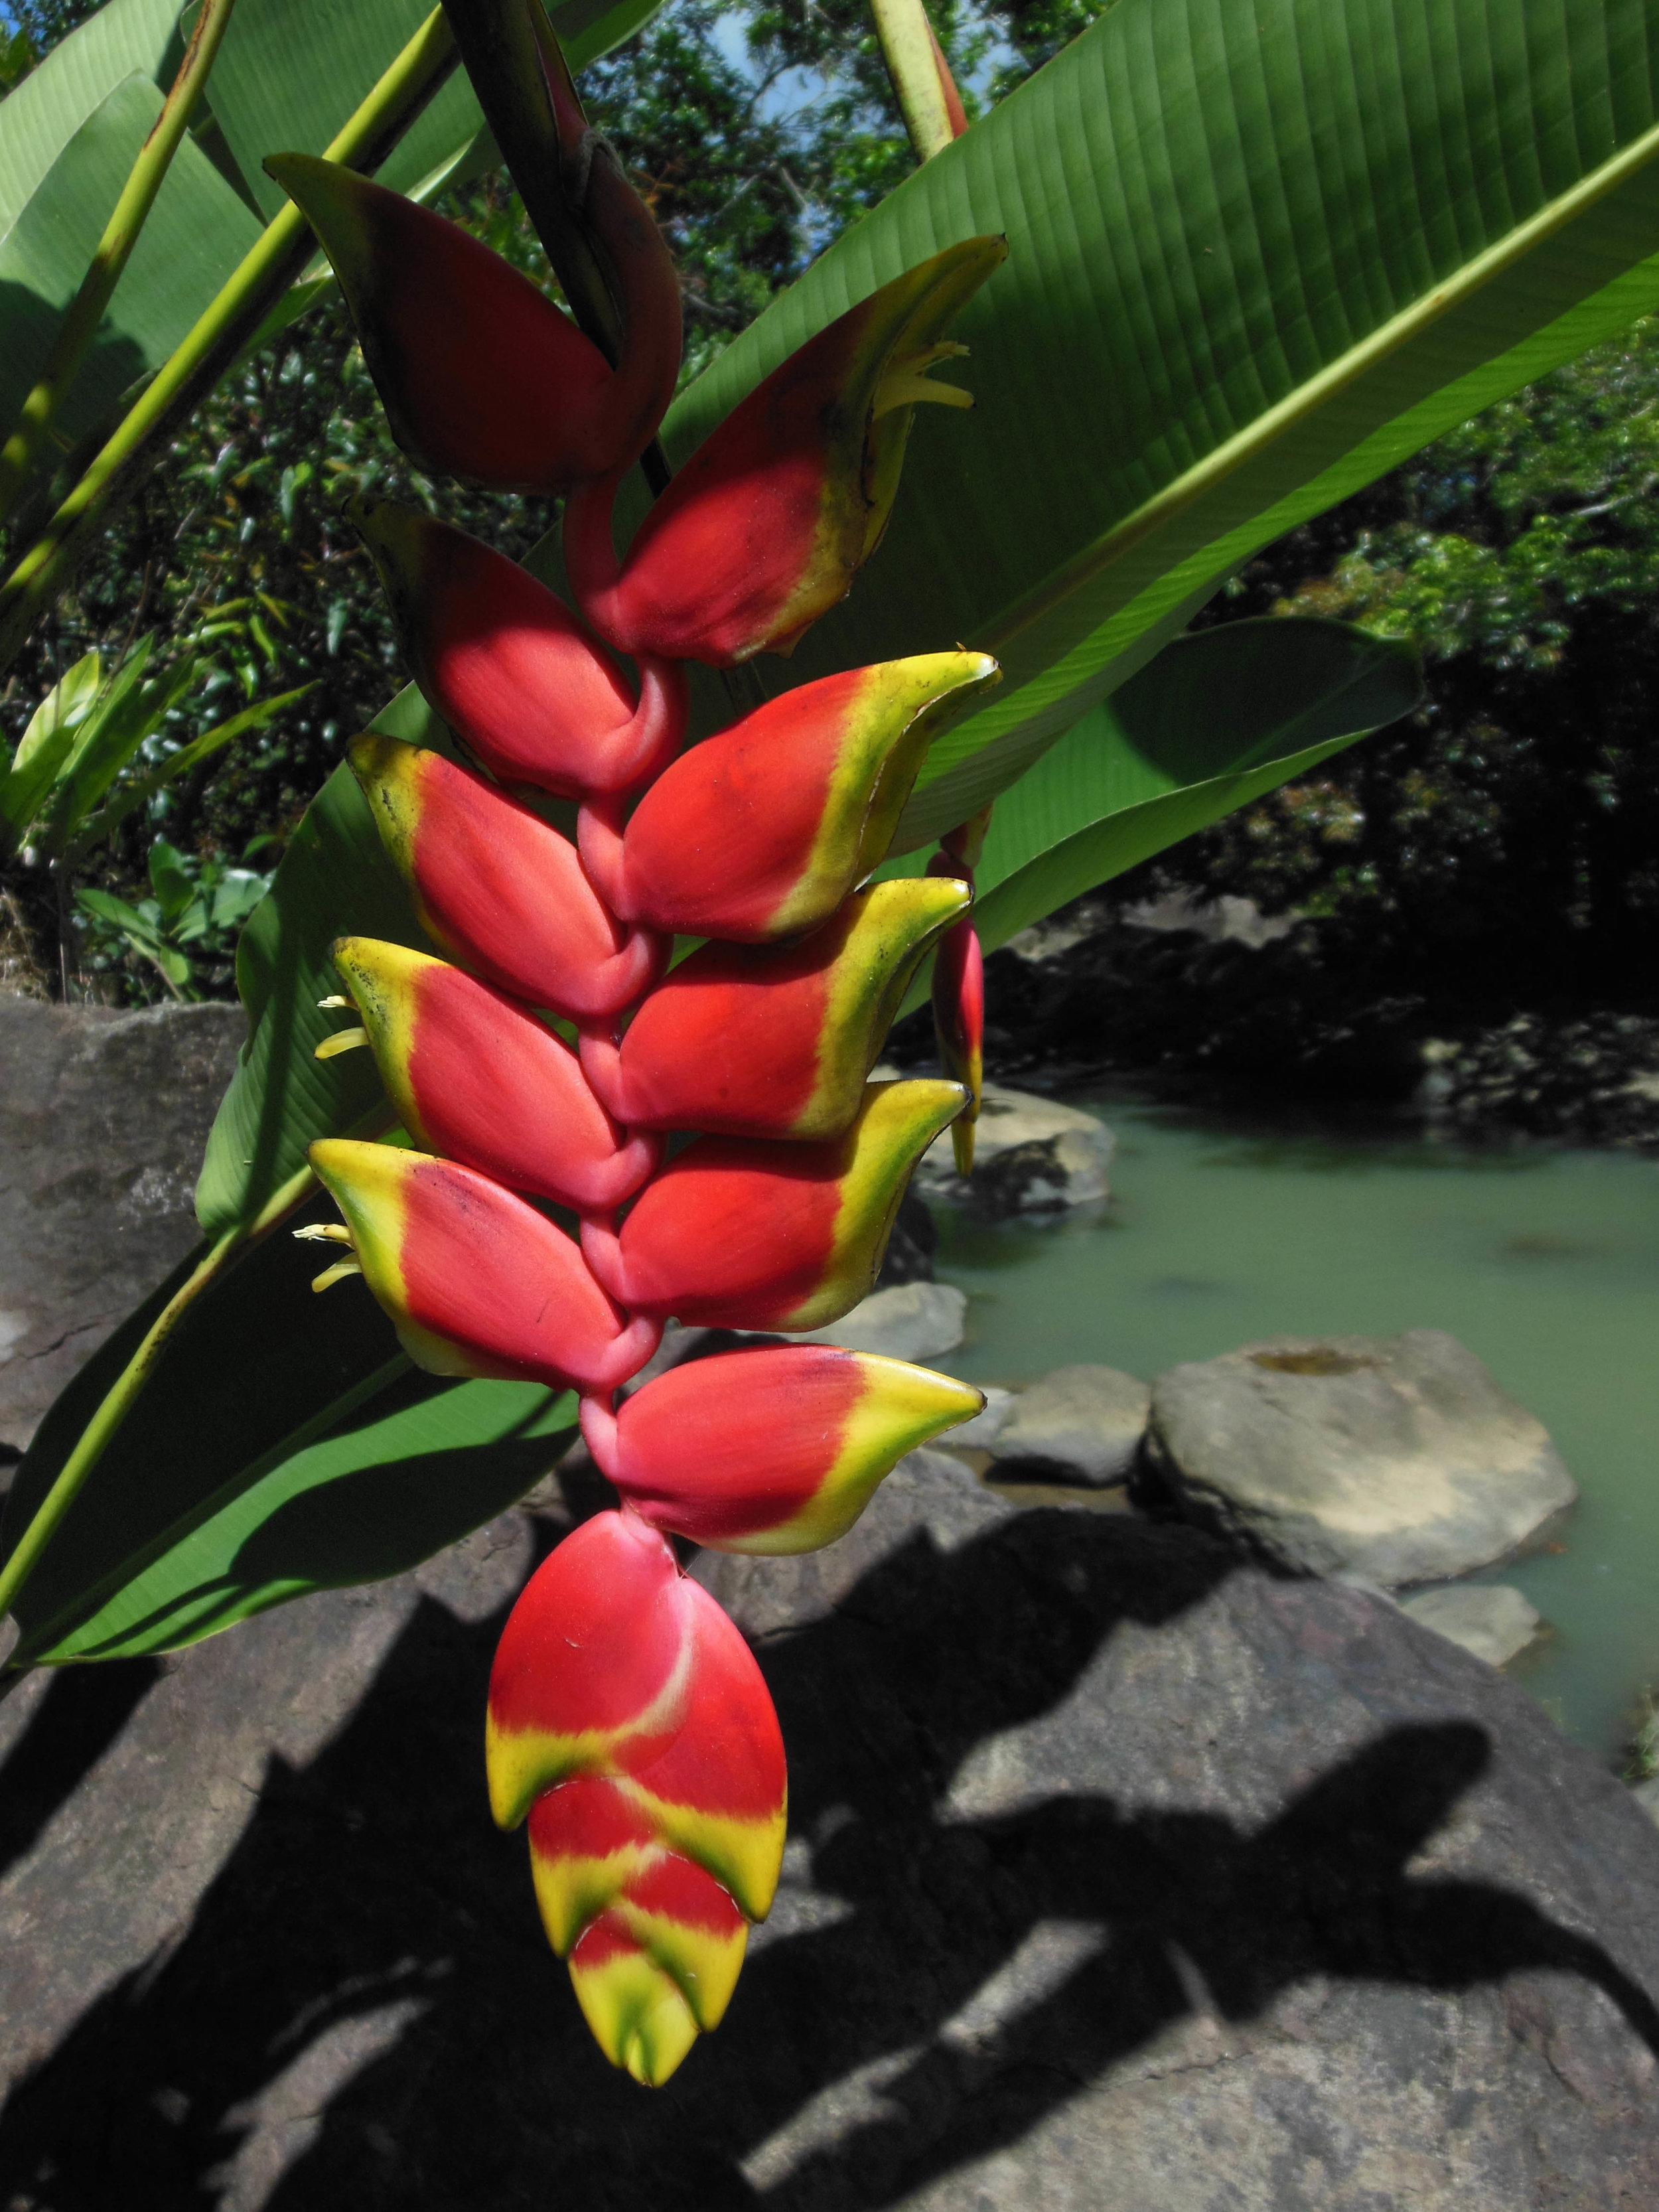 FLOWER-YUQUIYU-GARDEN-PUERTO-RICO.JPG